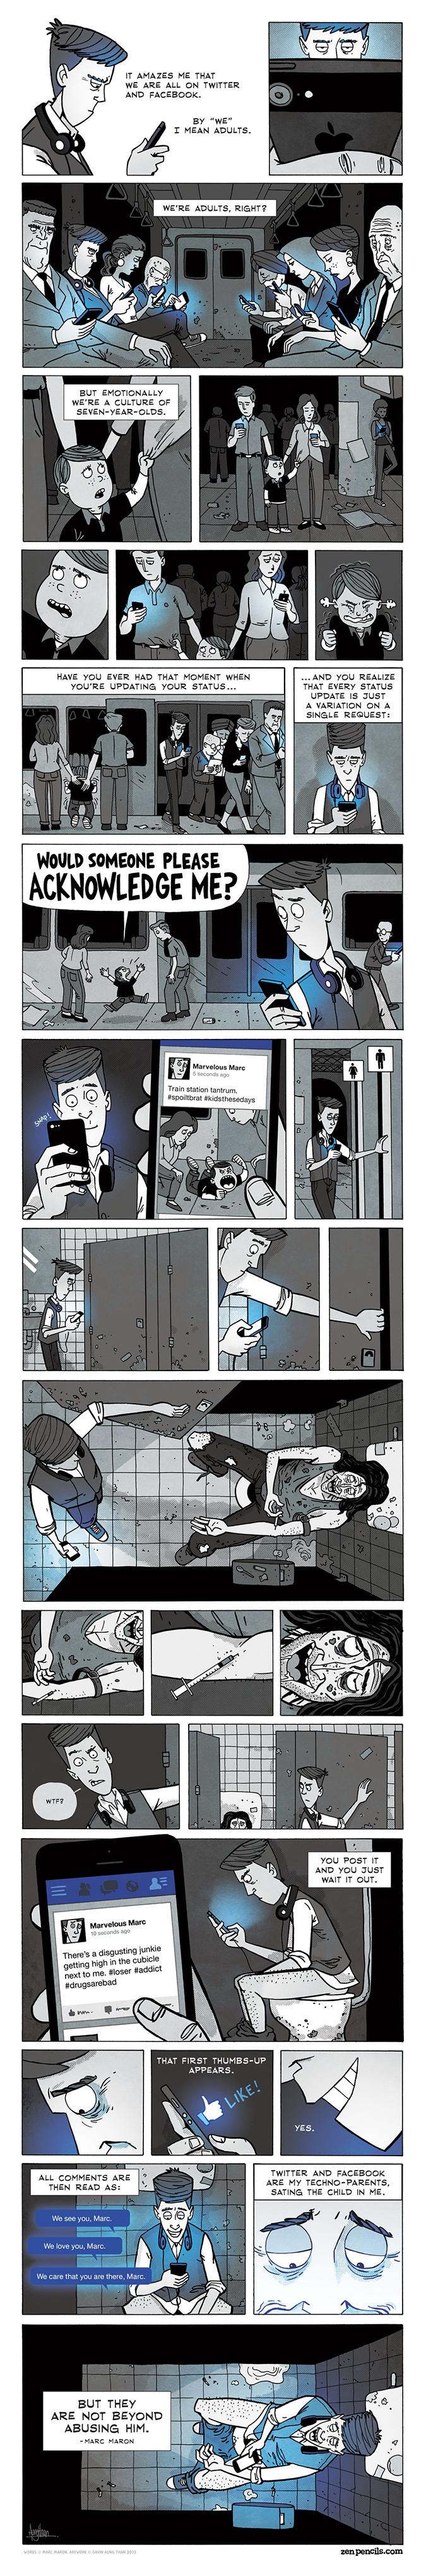 the-social-media-generation